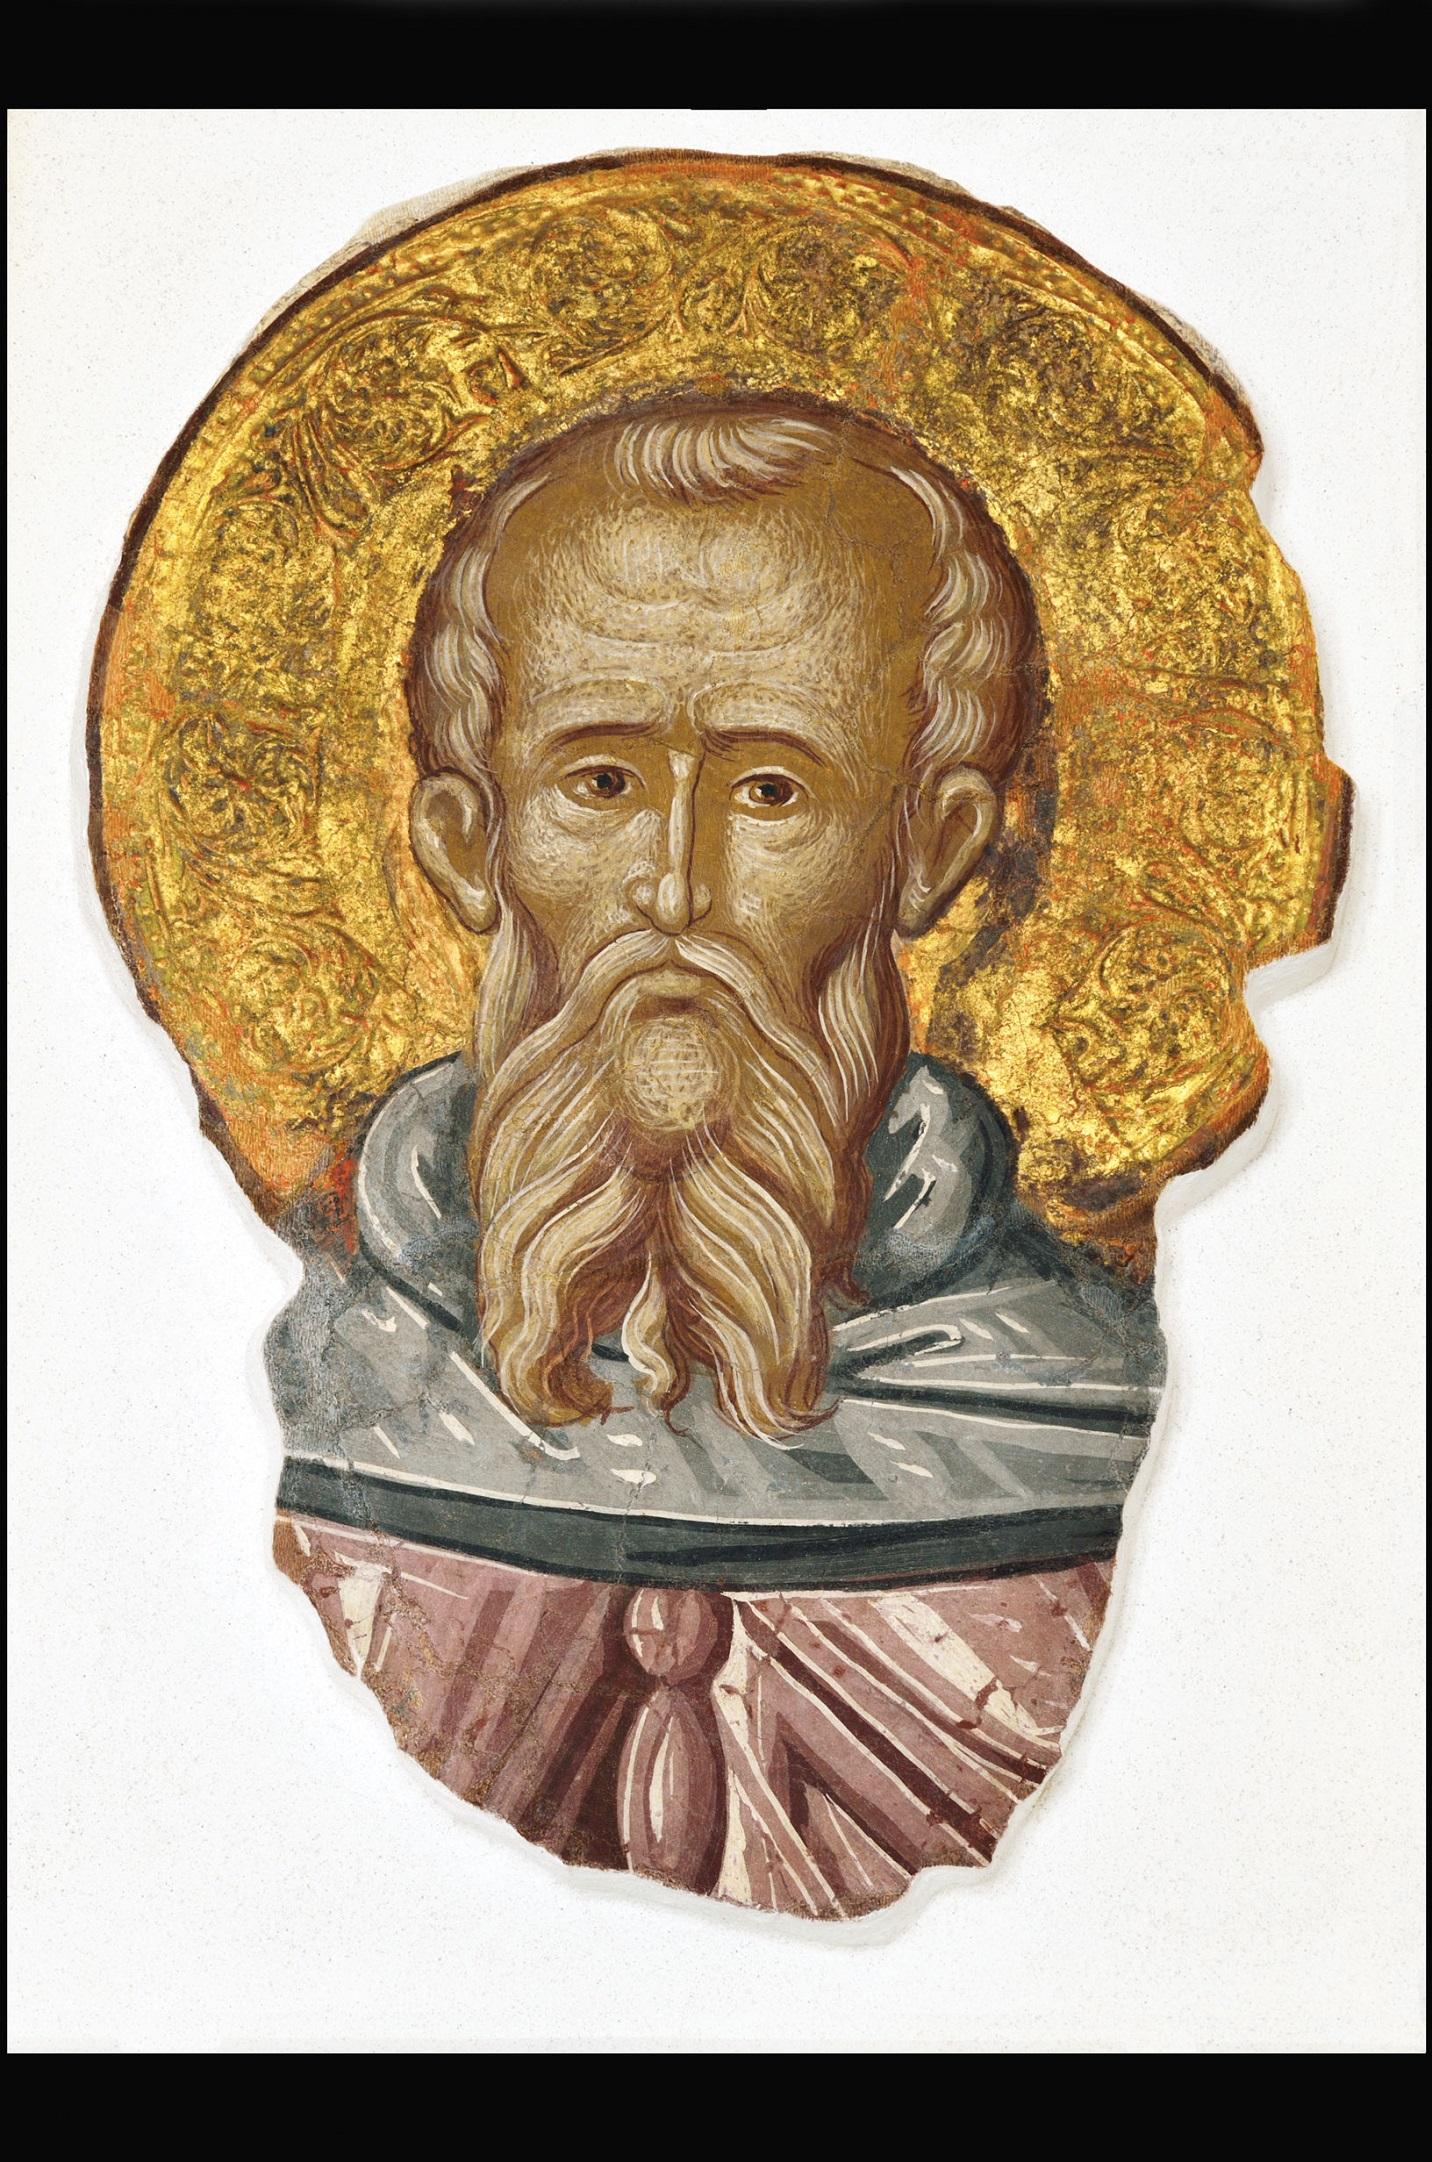 """""""Portret de Sfânt, cu aureolă în relief""""Fragment pictură murală extras de la Biserica Mănăstirii Trei Ierarhi din Iaşi (1641 – 1642)"""